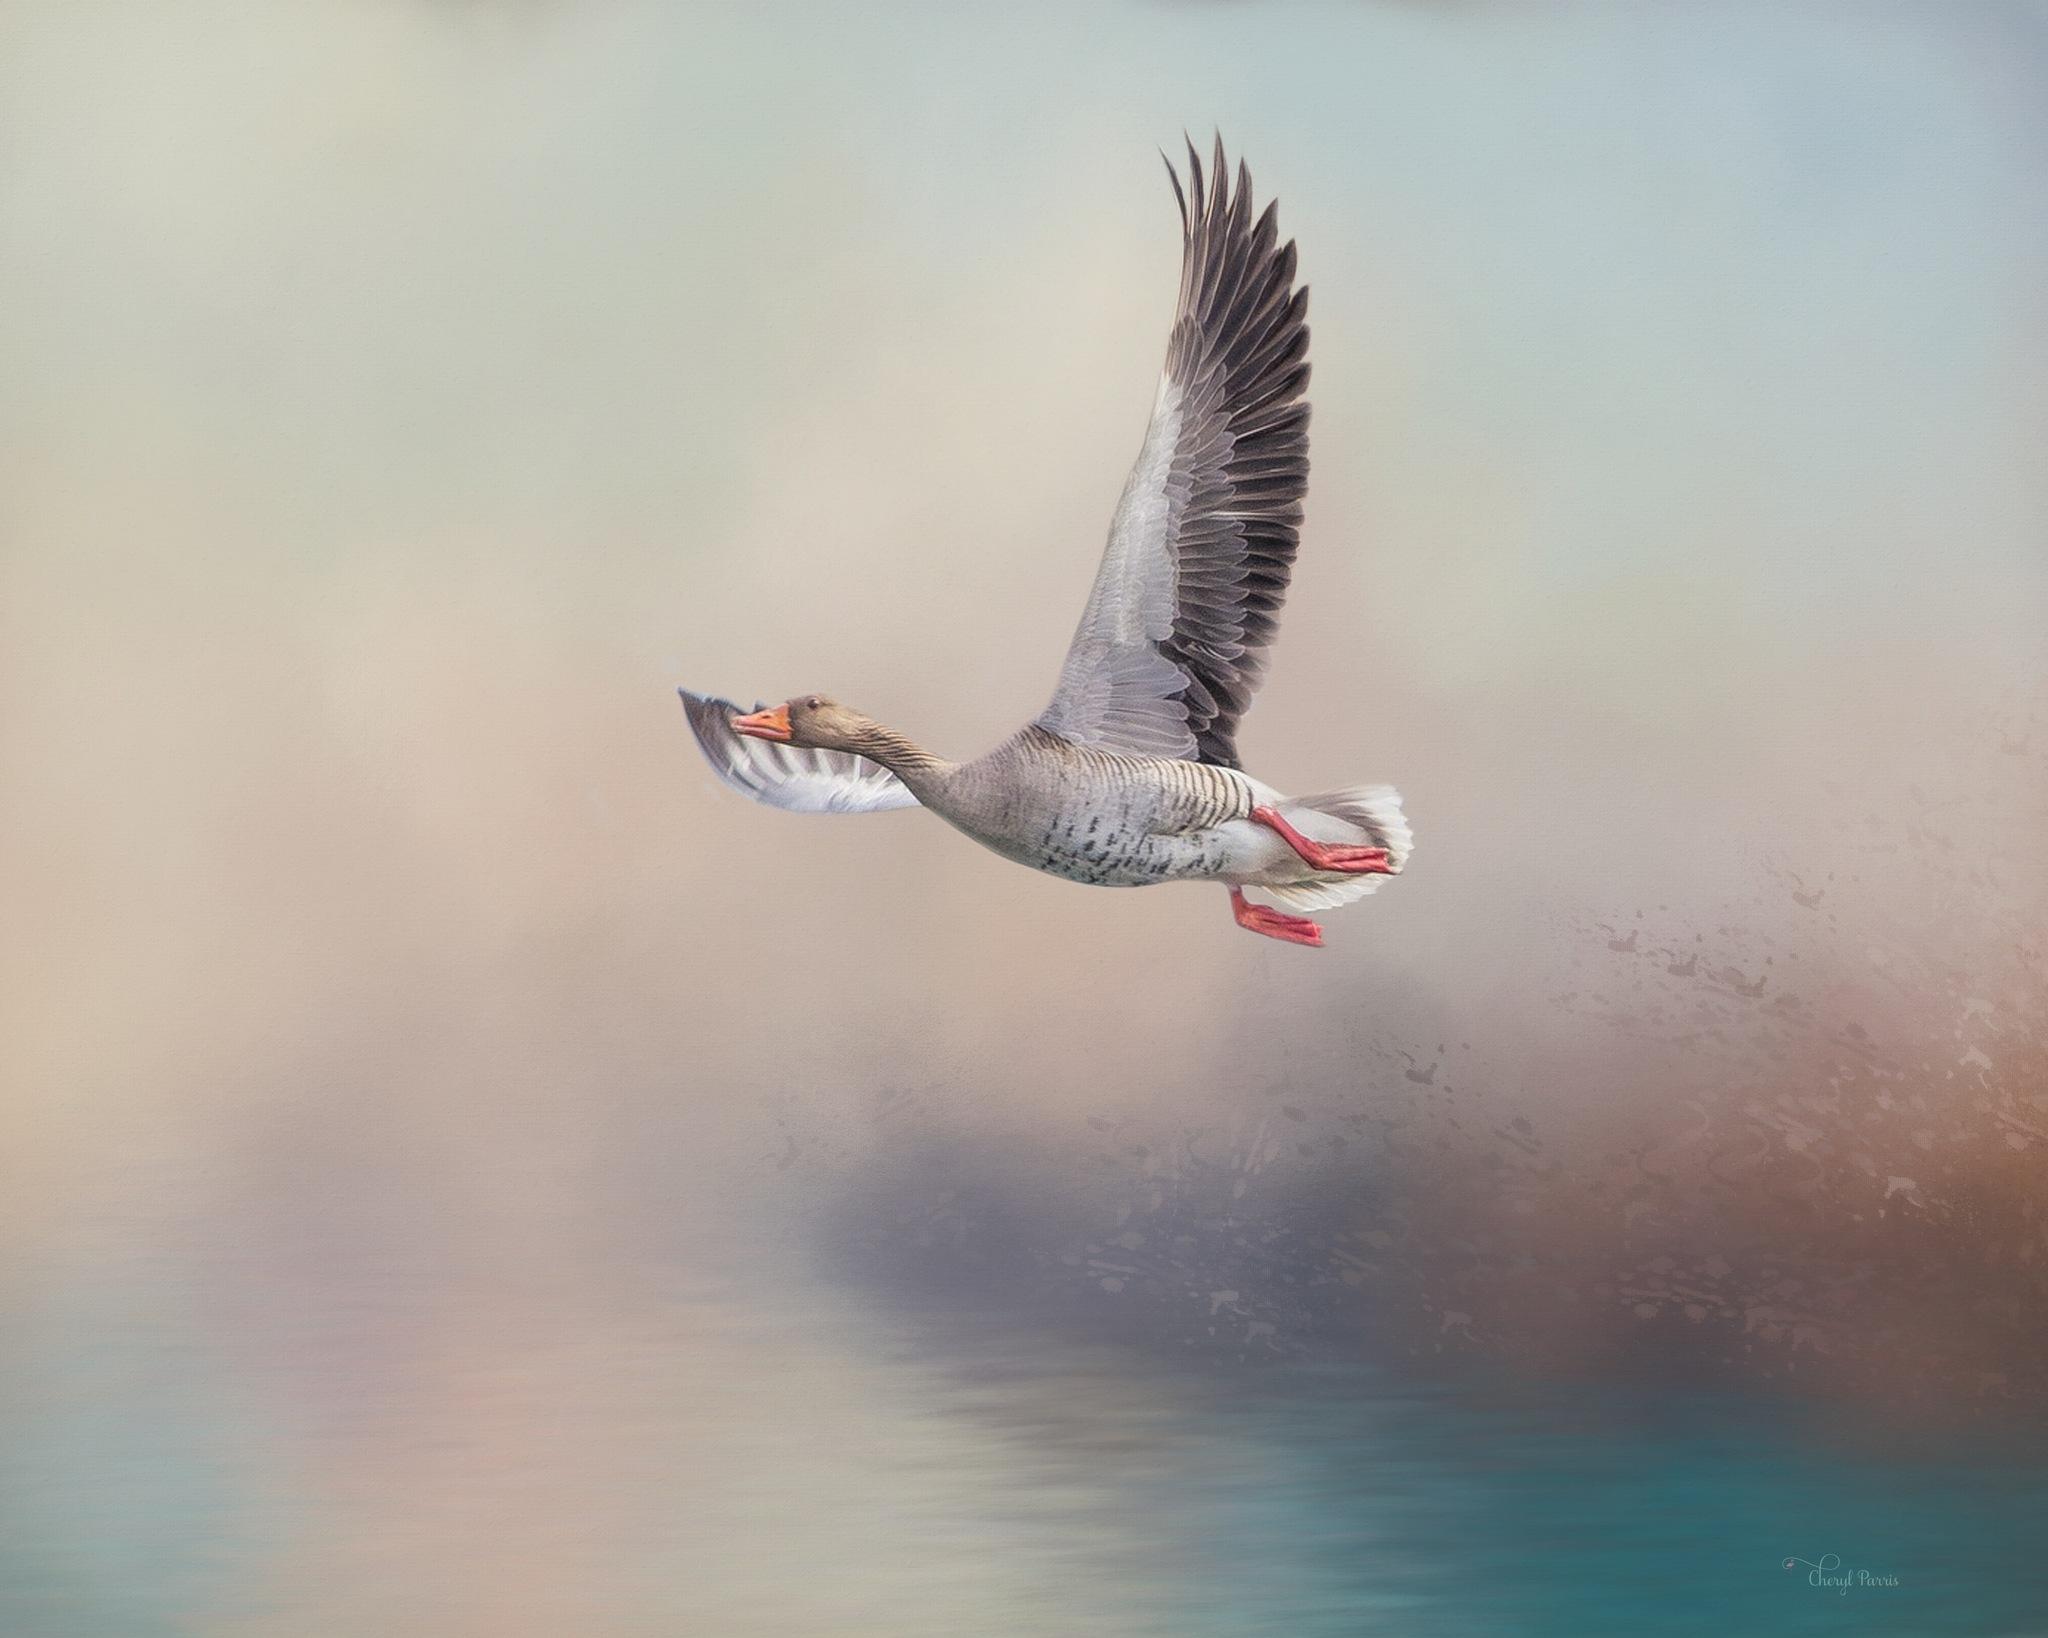 Goose in flight by Cherbeni